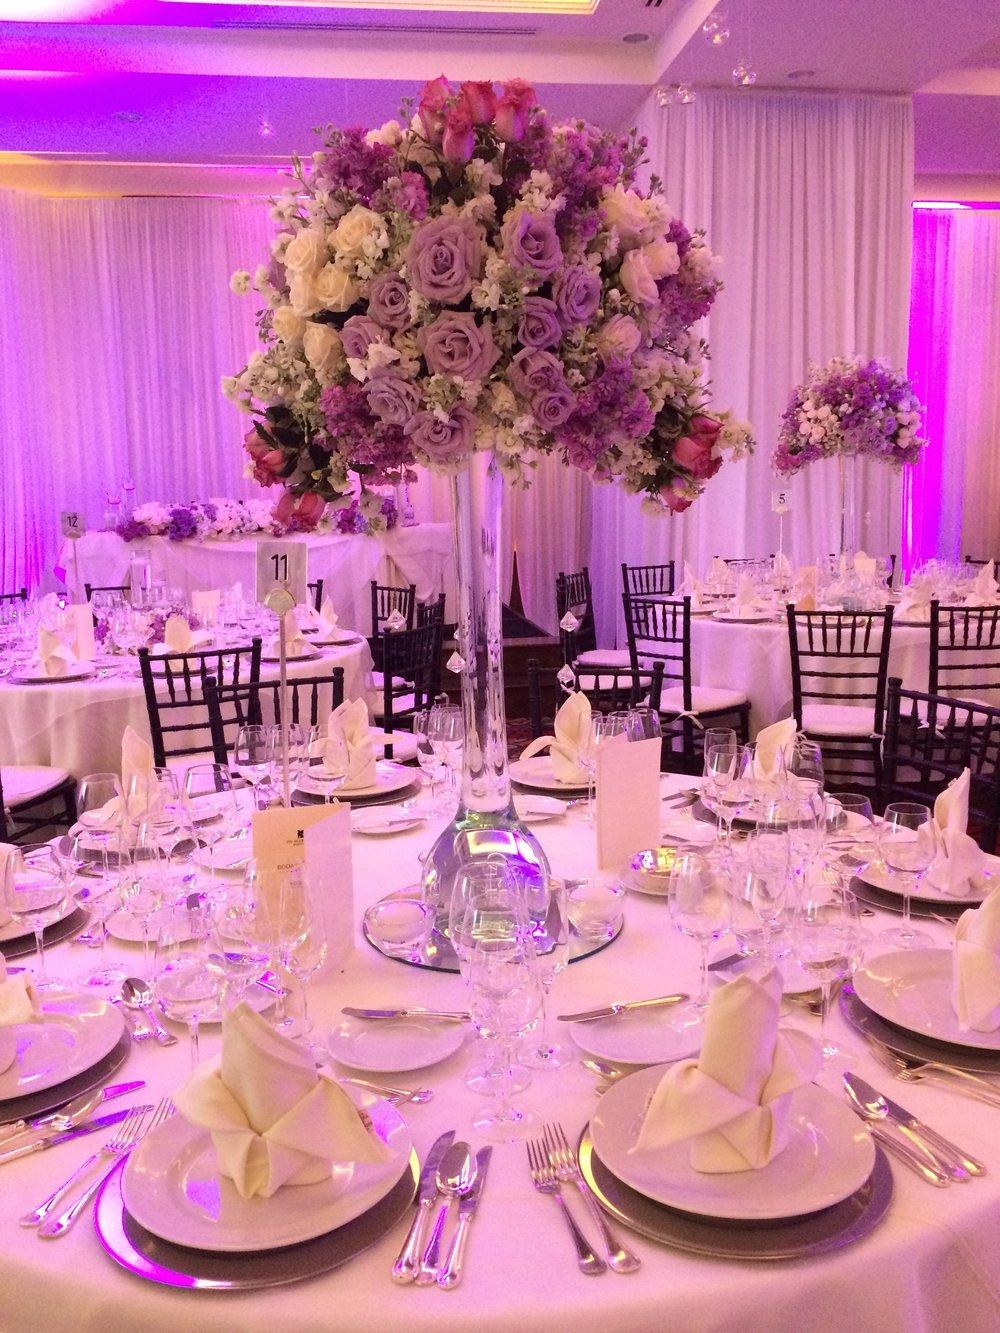 centros de mesa con flores lilas.JPG